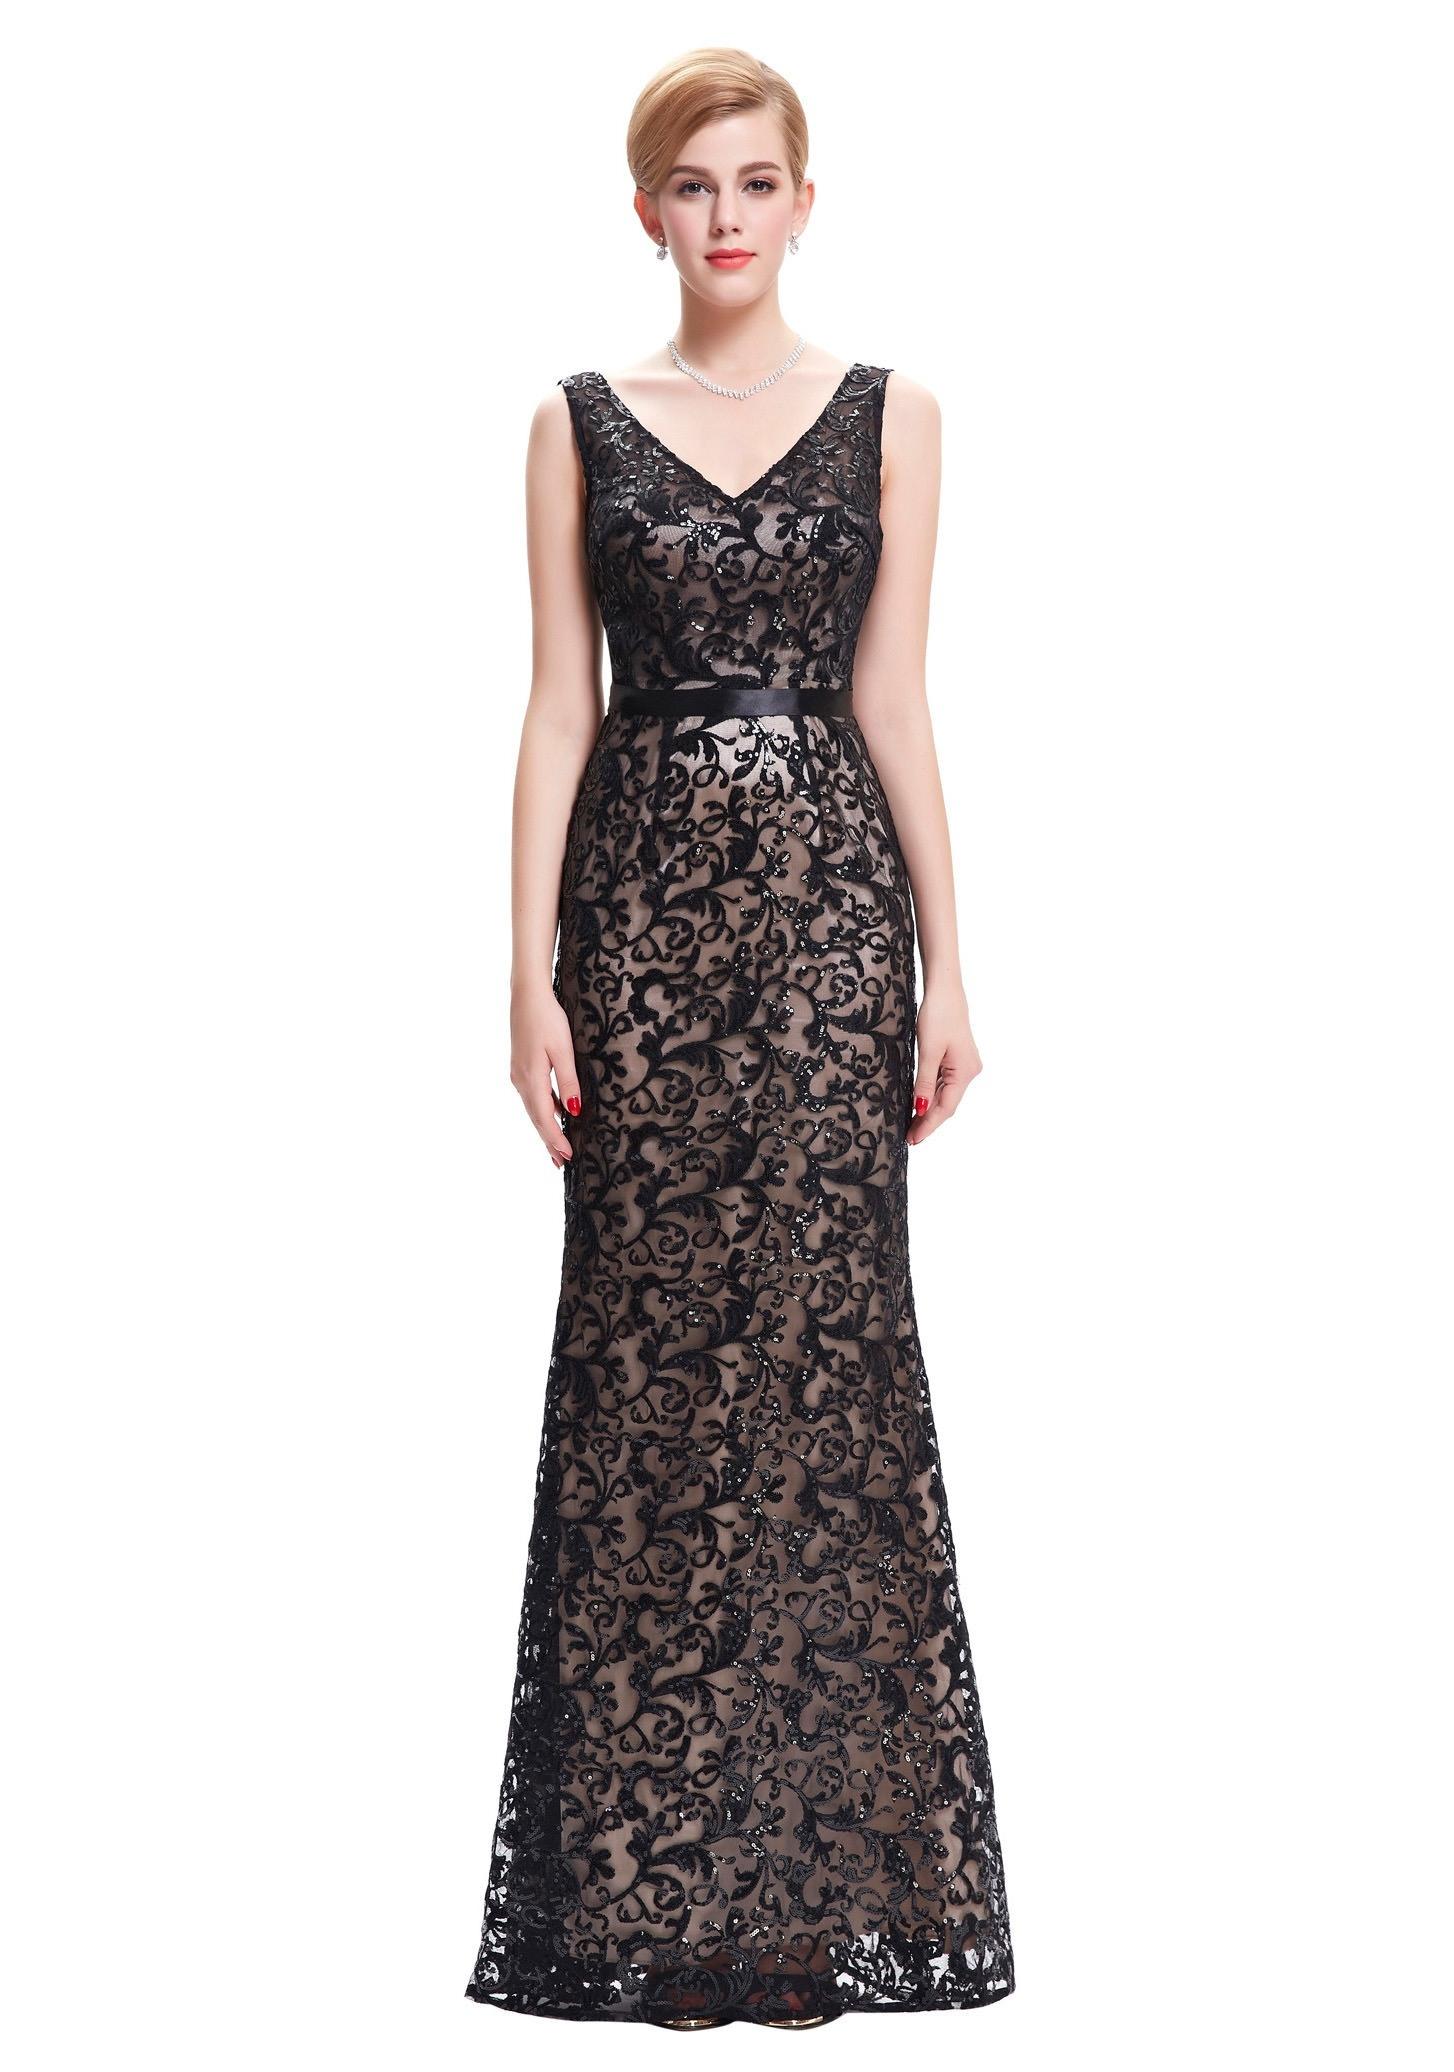 Abend Genial Abendkleider Kostenloser Versand für 201915 Leicht Abendkleider Kostenloser Versand Vertrieb